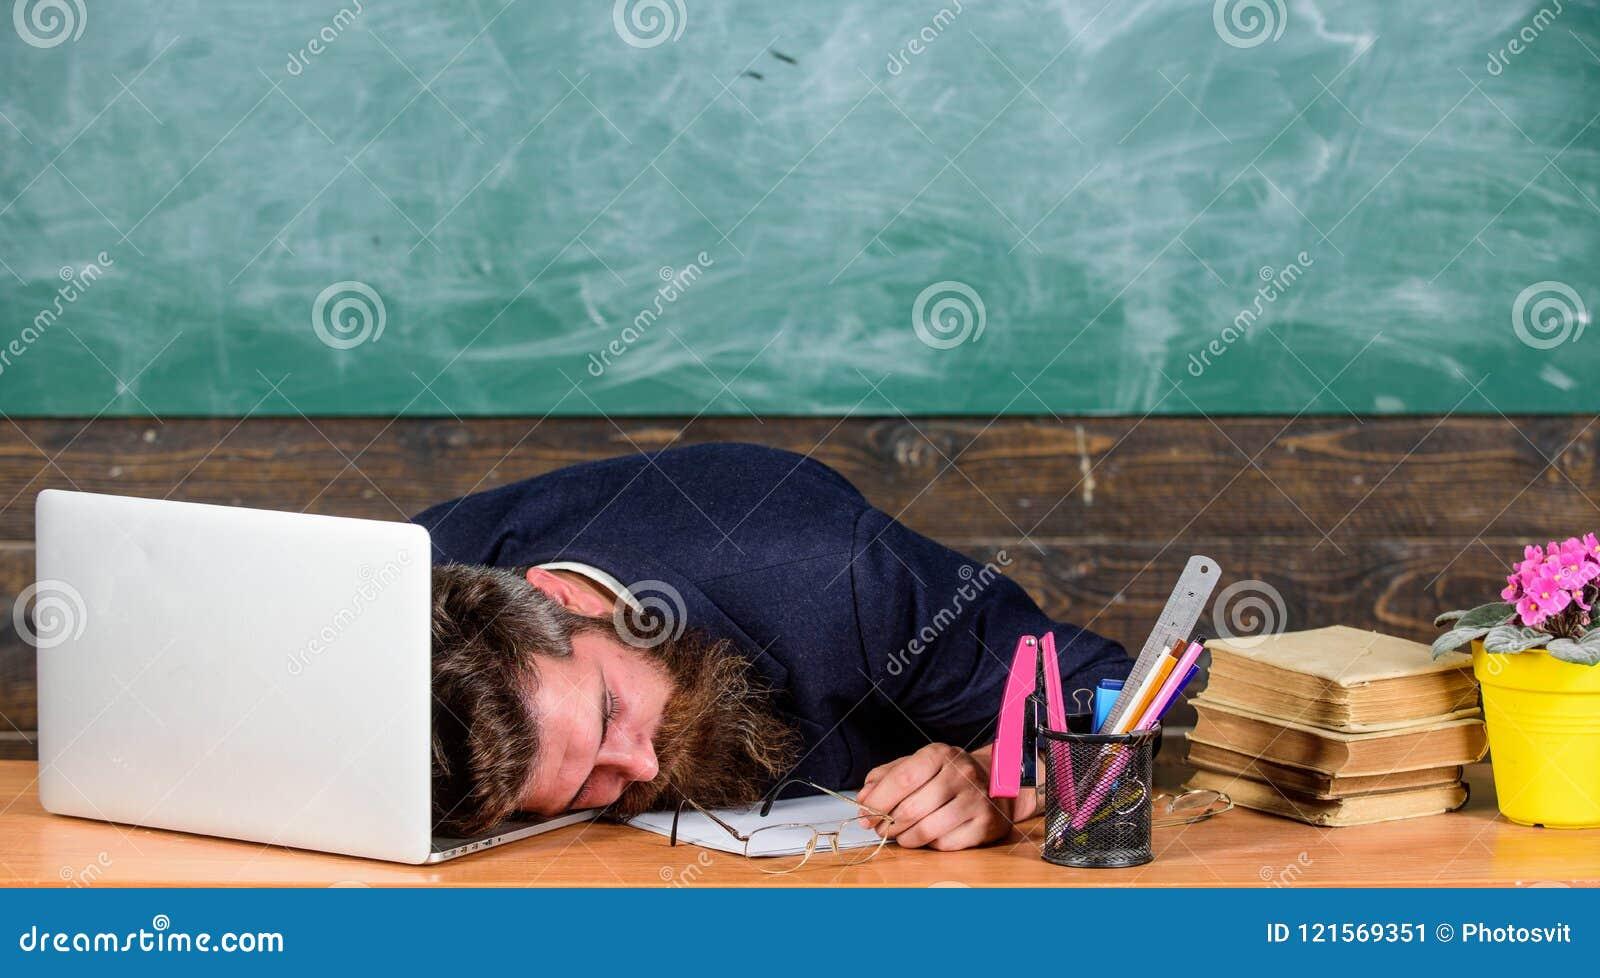 Liv av att evakuera för lärare Fall sovande på arbete Mer stressad arbete för utbildare än genomsnittligt folk På hög nivå trötth